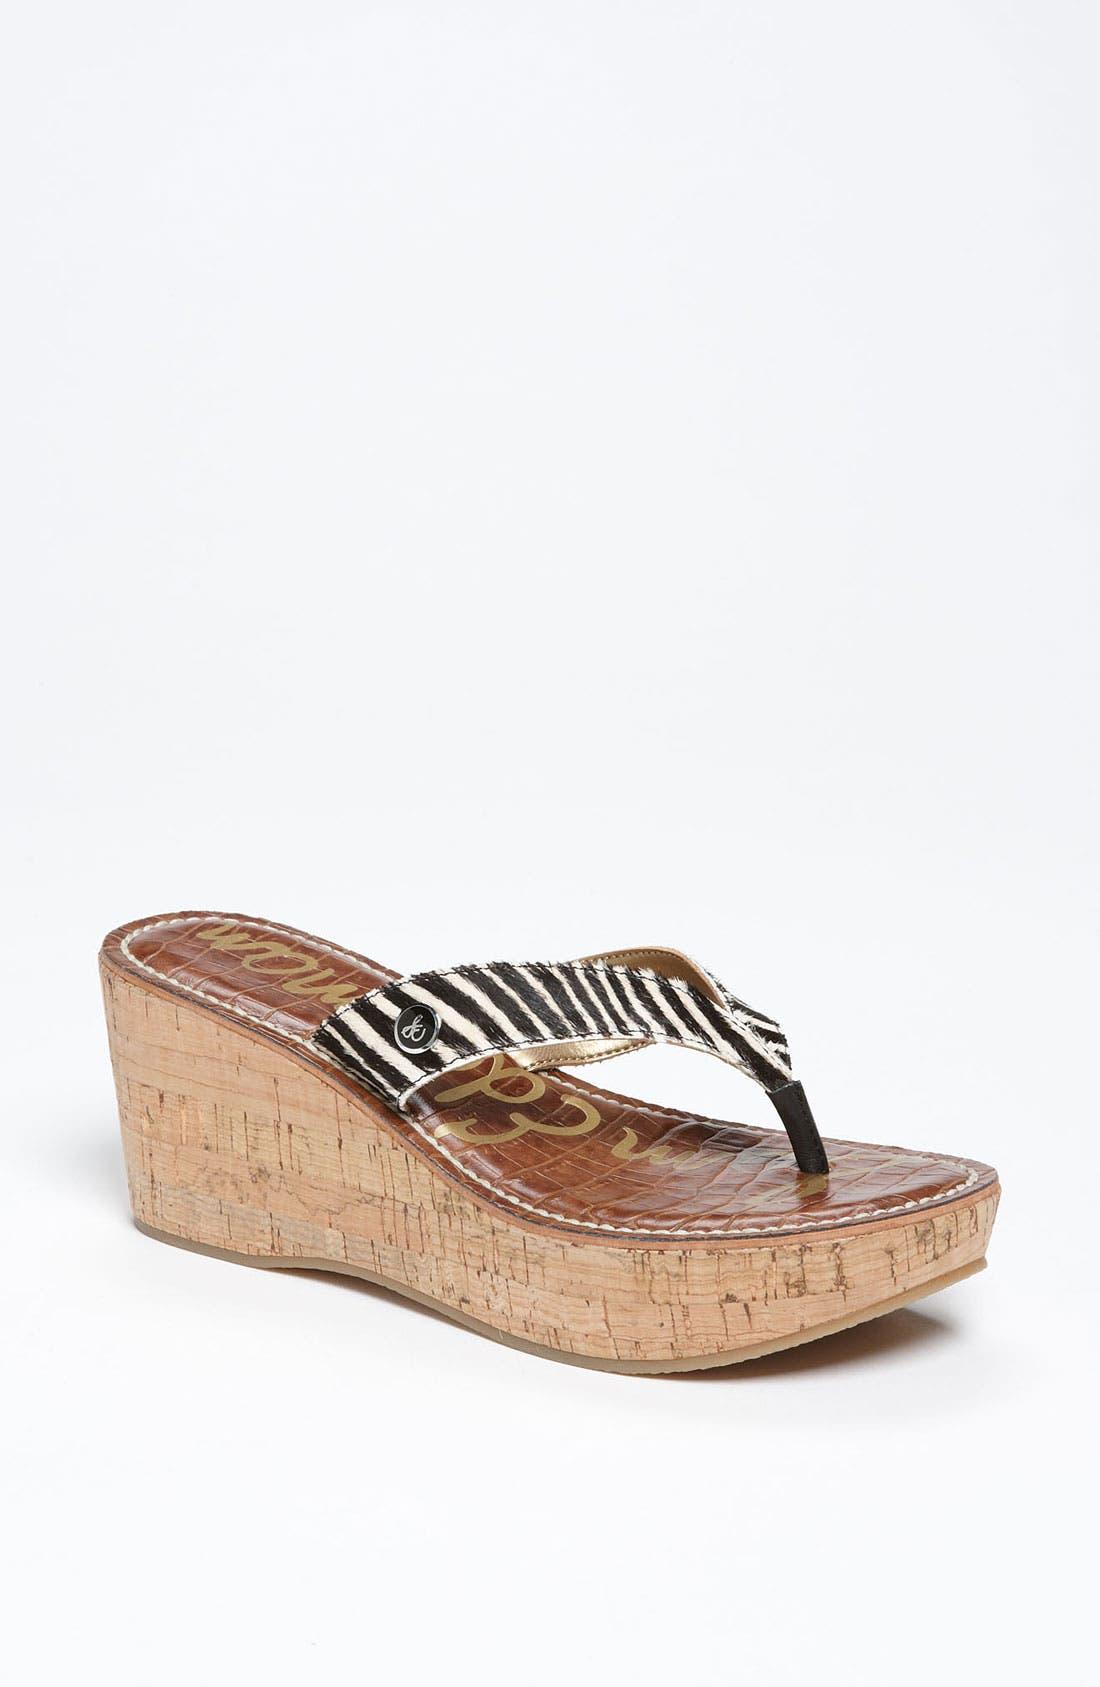 Alternate Image 1 Selected - Sam Edelman 'Romy' Wedge Sandal